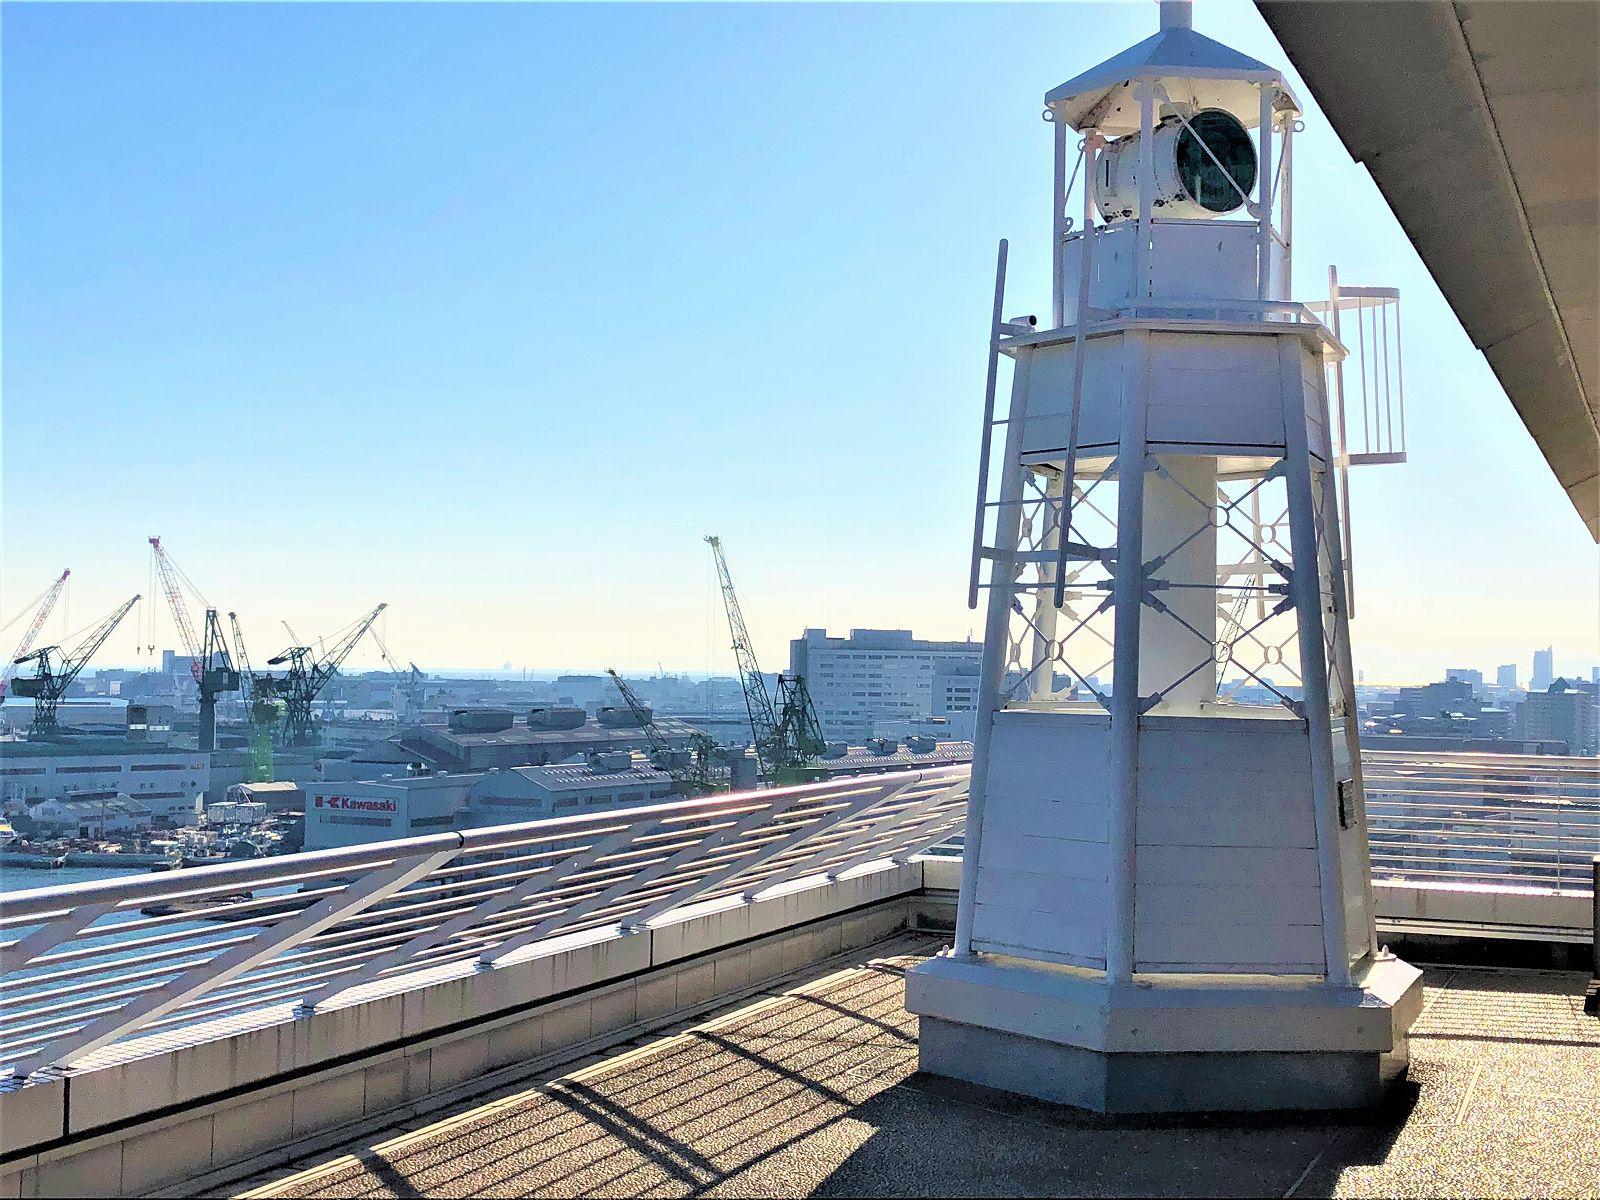 11月1日は「灯台記念日」!神戸メリケンパークオリエンタルホテルの「日本で唯一ホテルにある公式灯台」が一般公開されるよ!  #灯台記念日 #神戸観光 #灯台 #インスタ映え